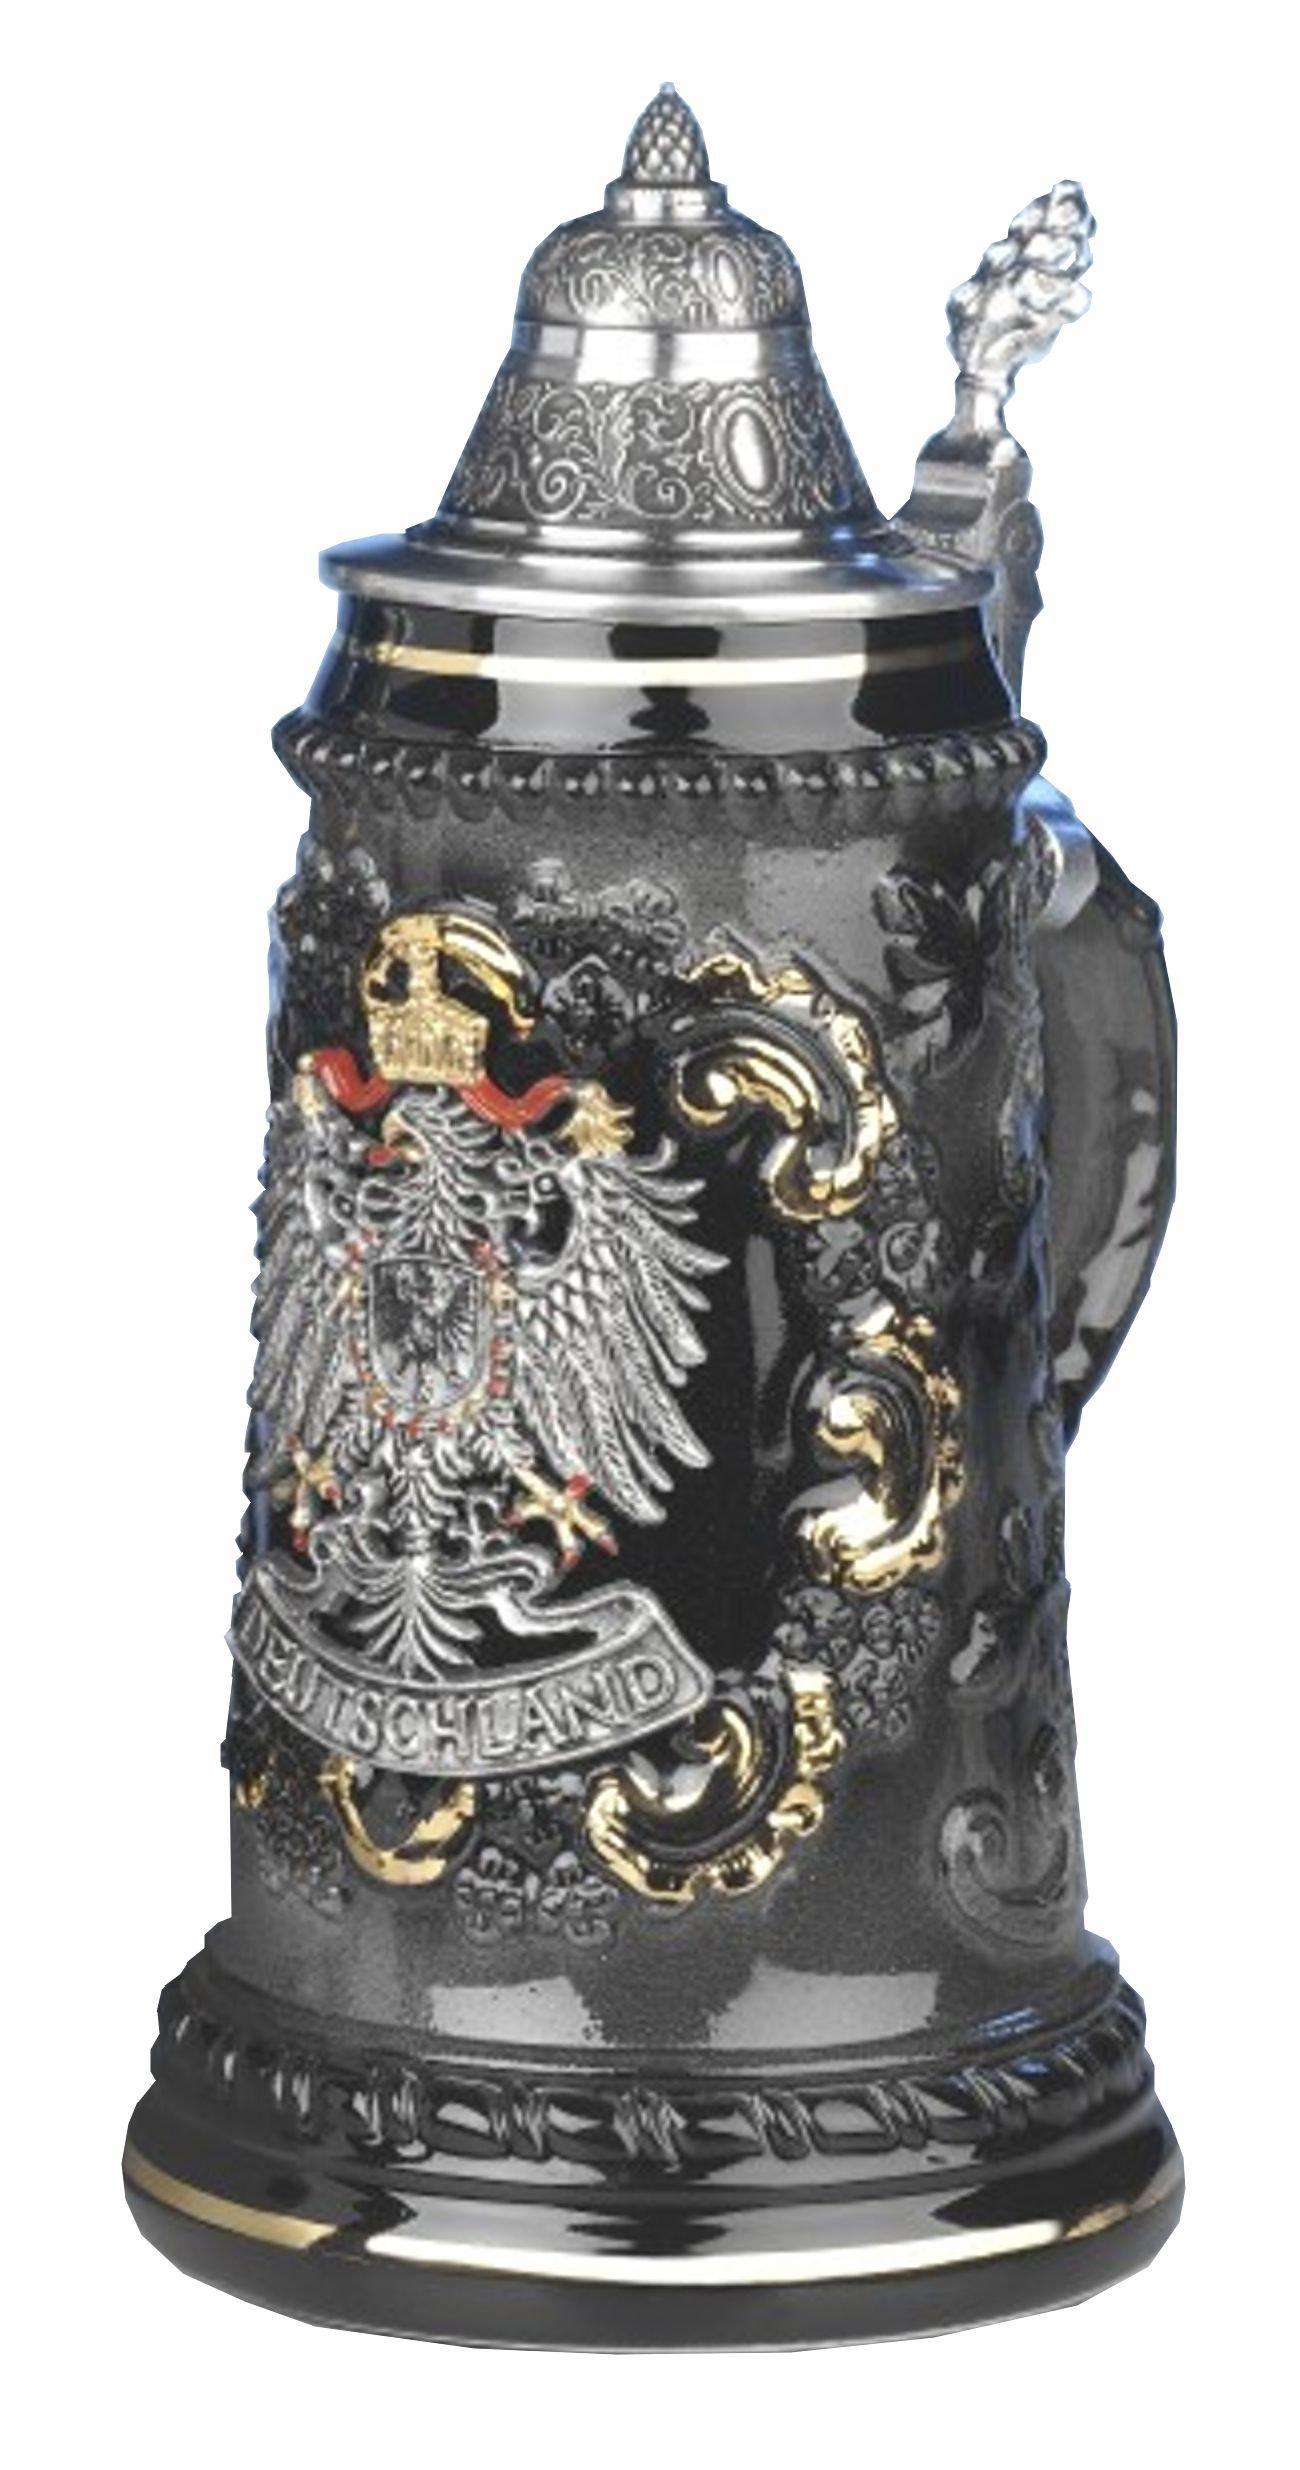 Beer Stein pewter Deutschland eagle Stein 0.5 liter tankard, beer mug